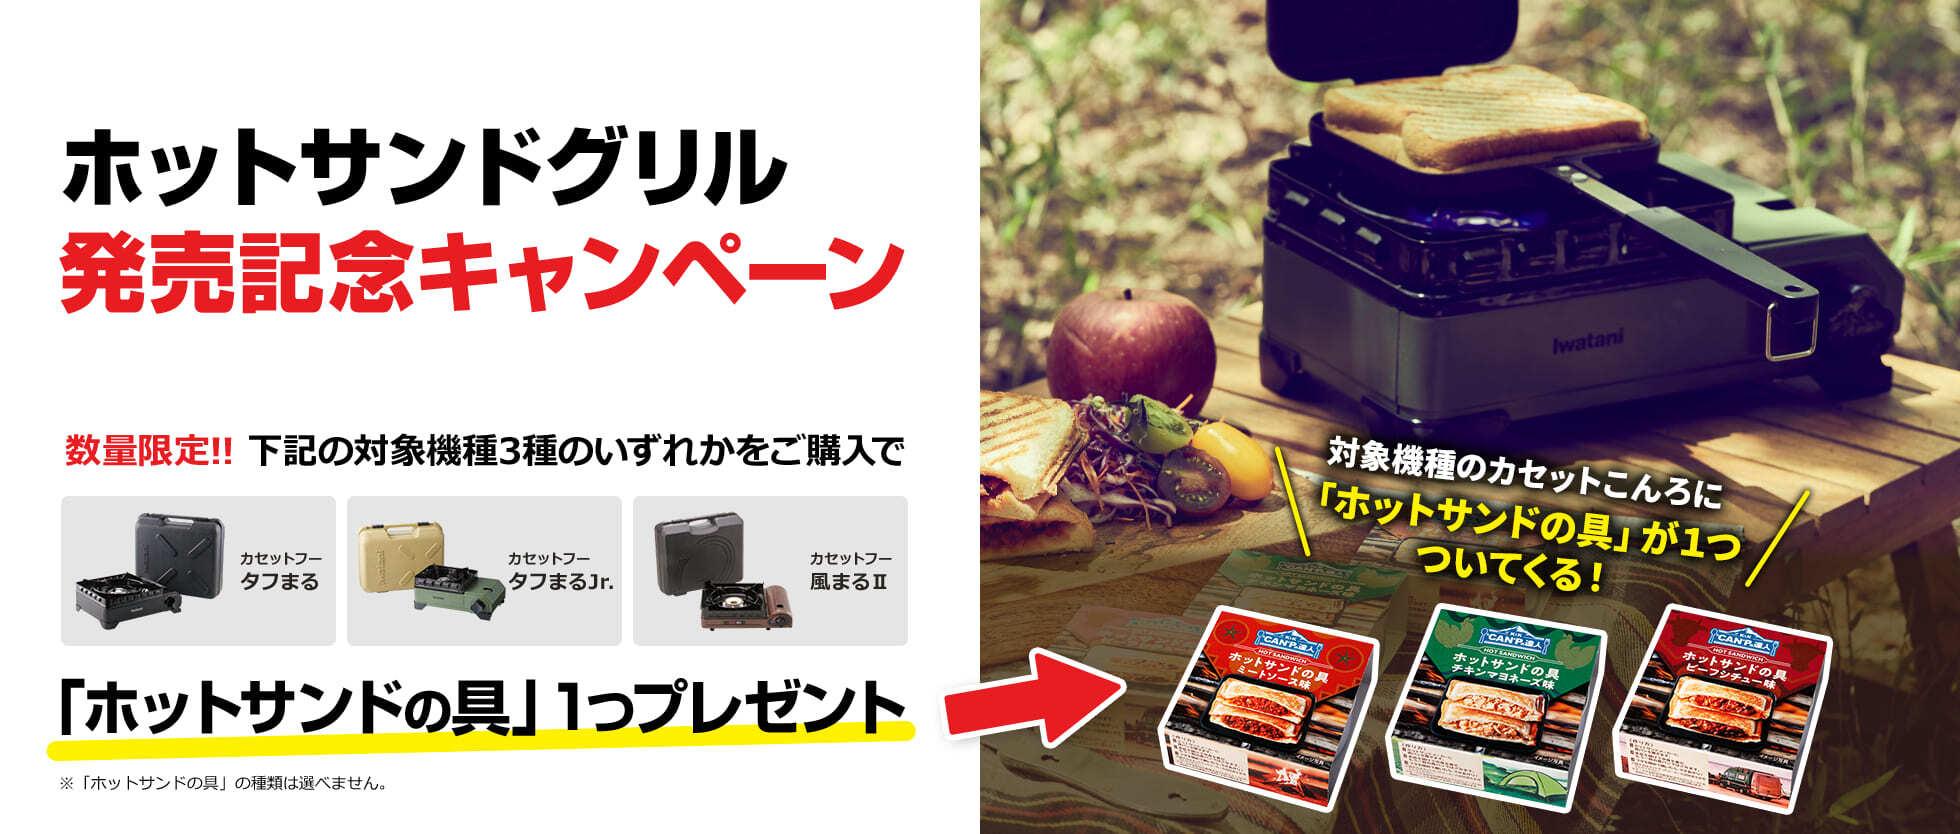 ホットサンドグリル新発売記念キャンペーン